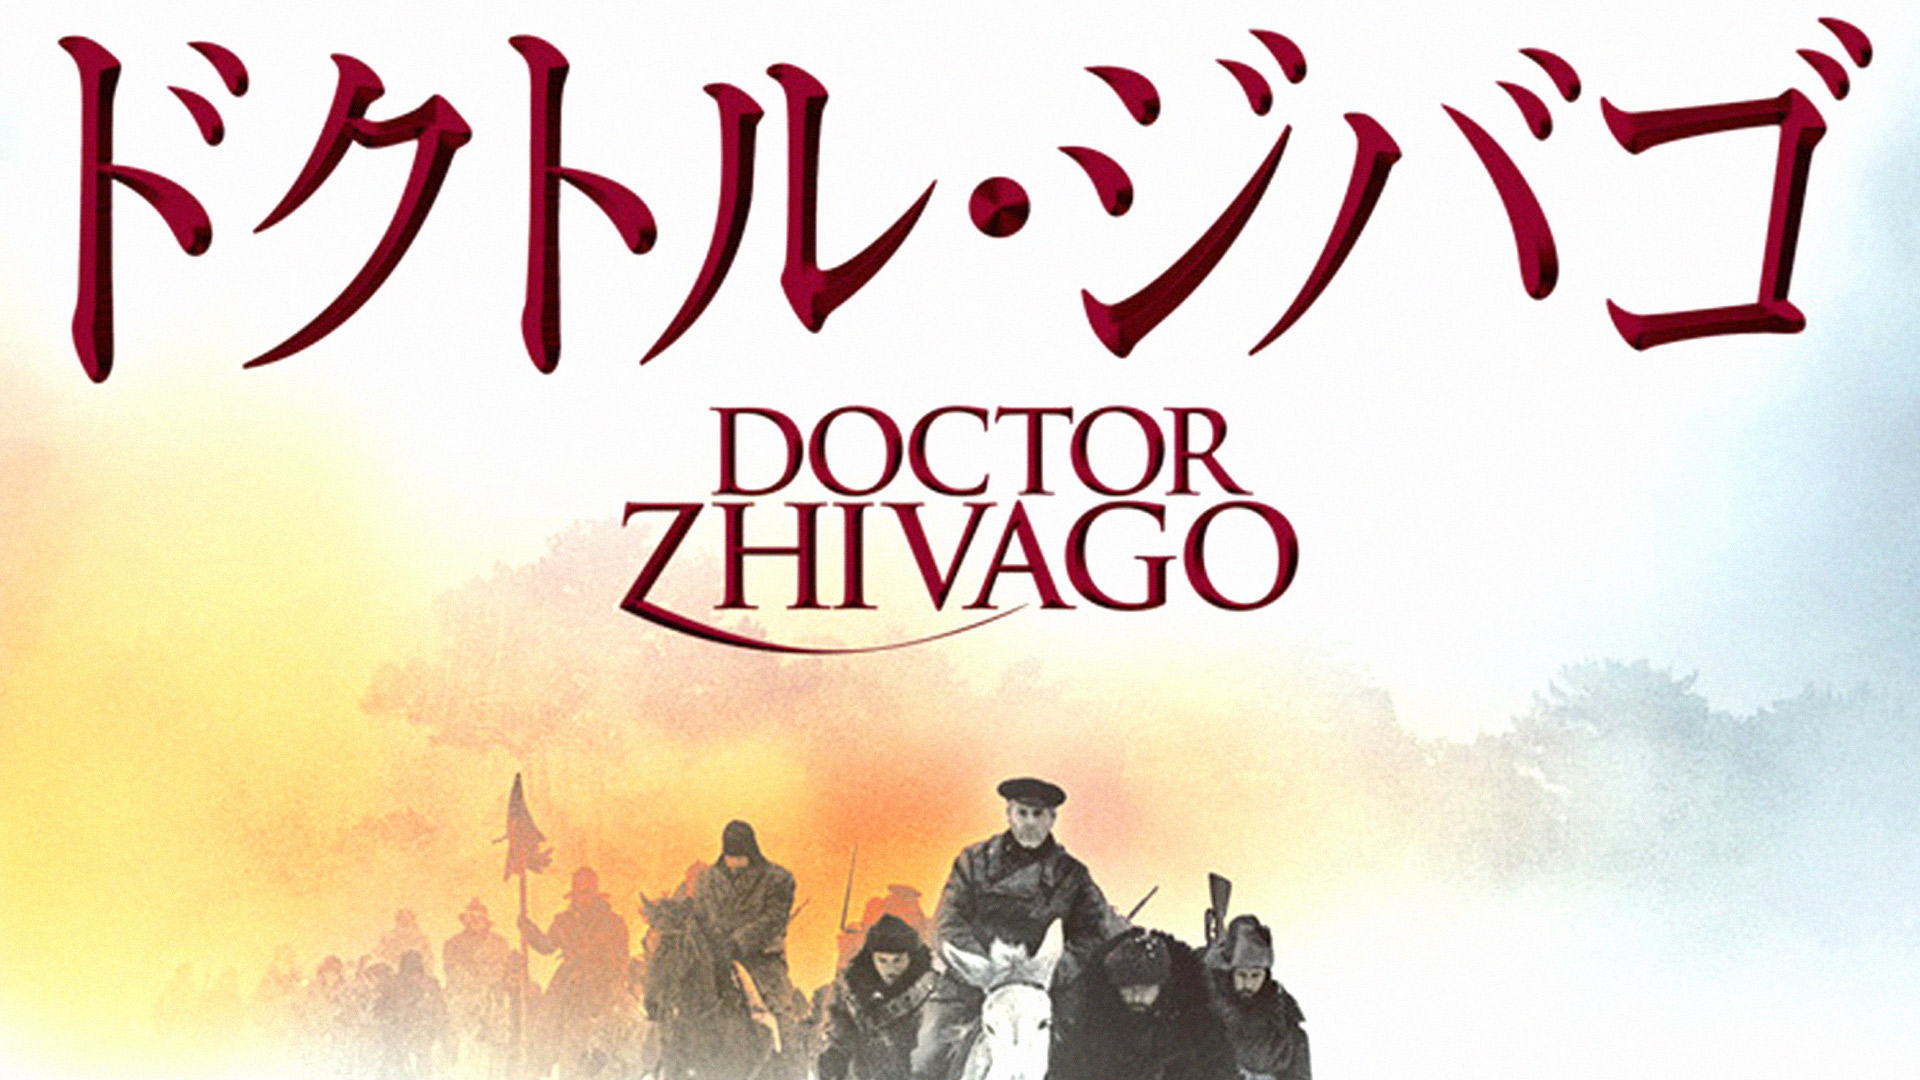 ドクトル・ジバゴ (字幕版)